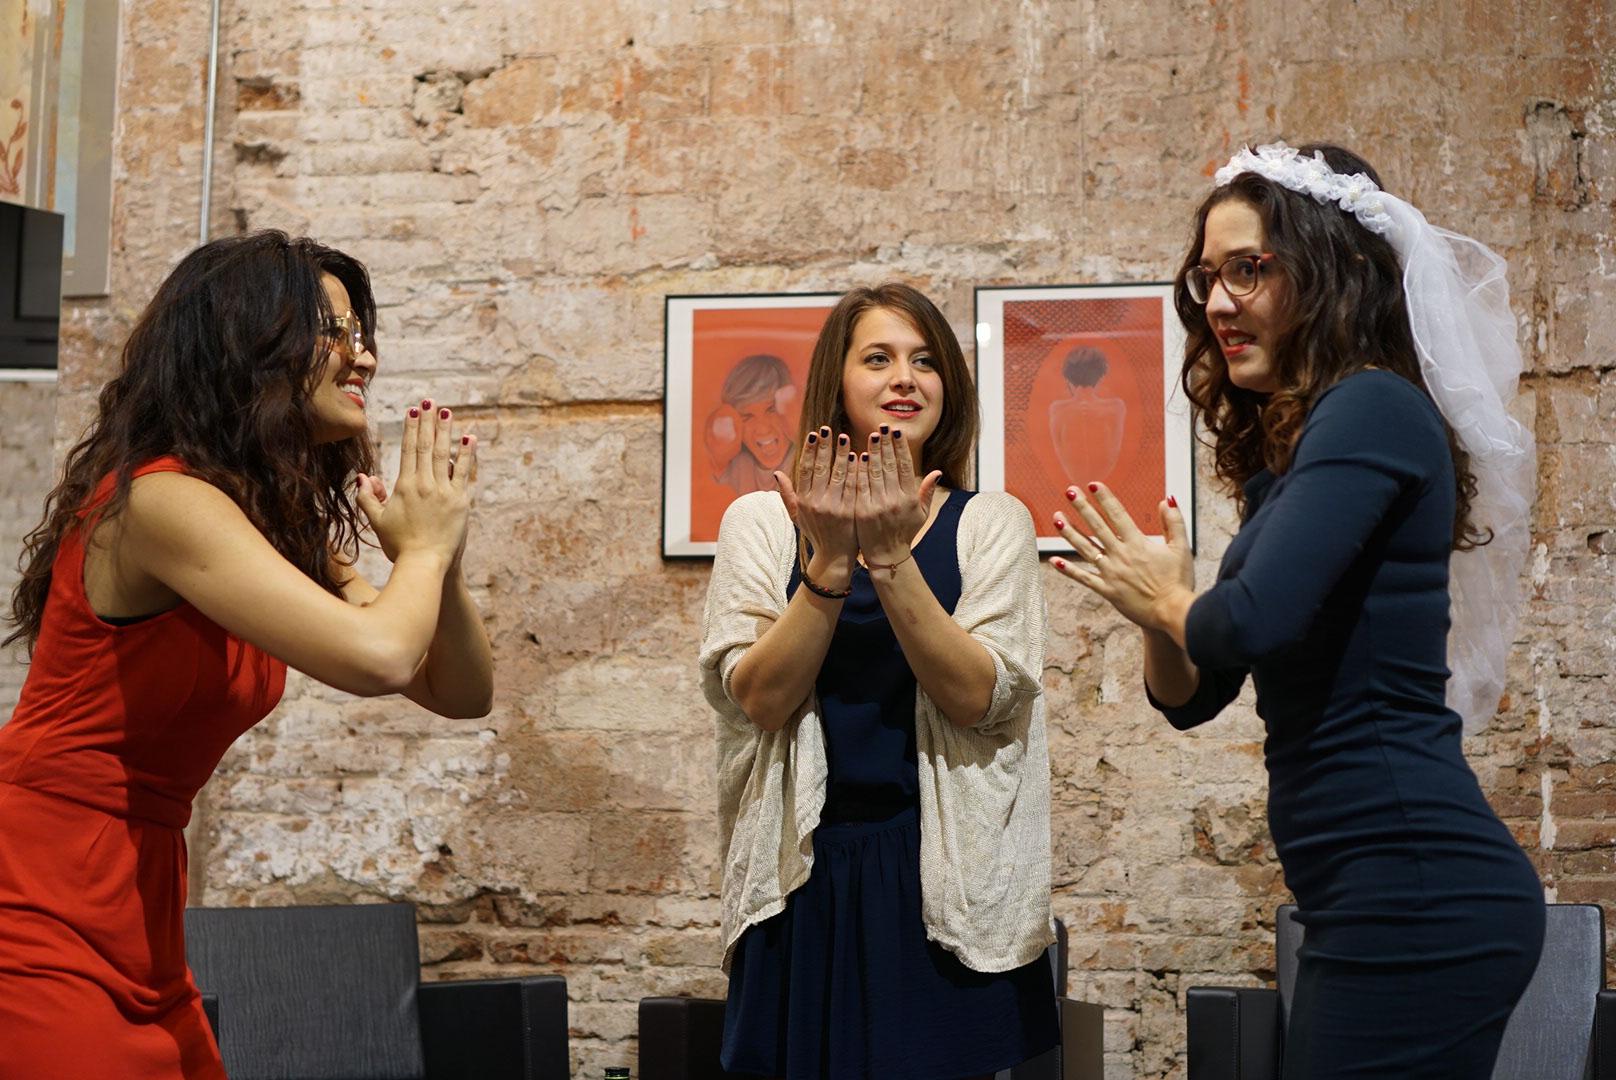 opera_lounge_barcelona_las cosas que ellas dicen_3.jpg